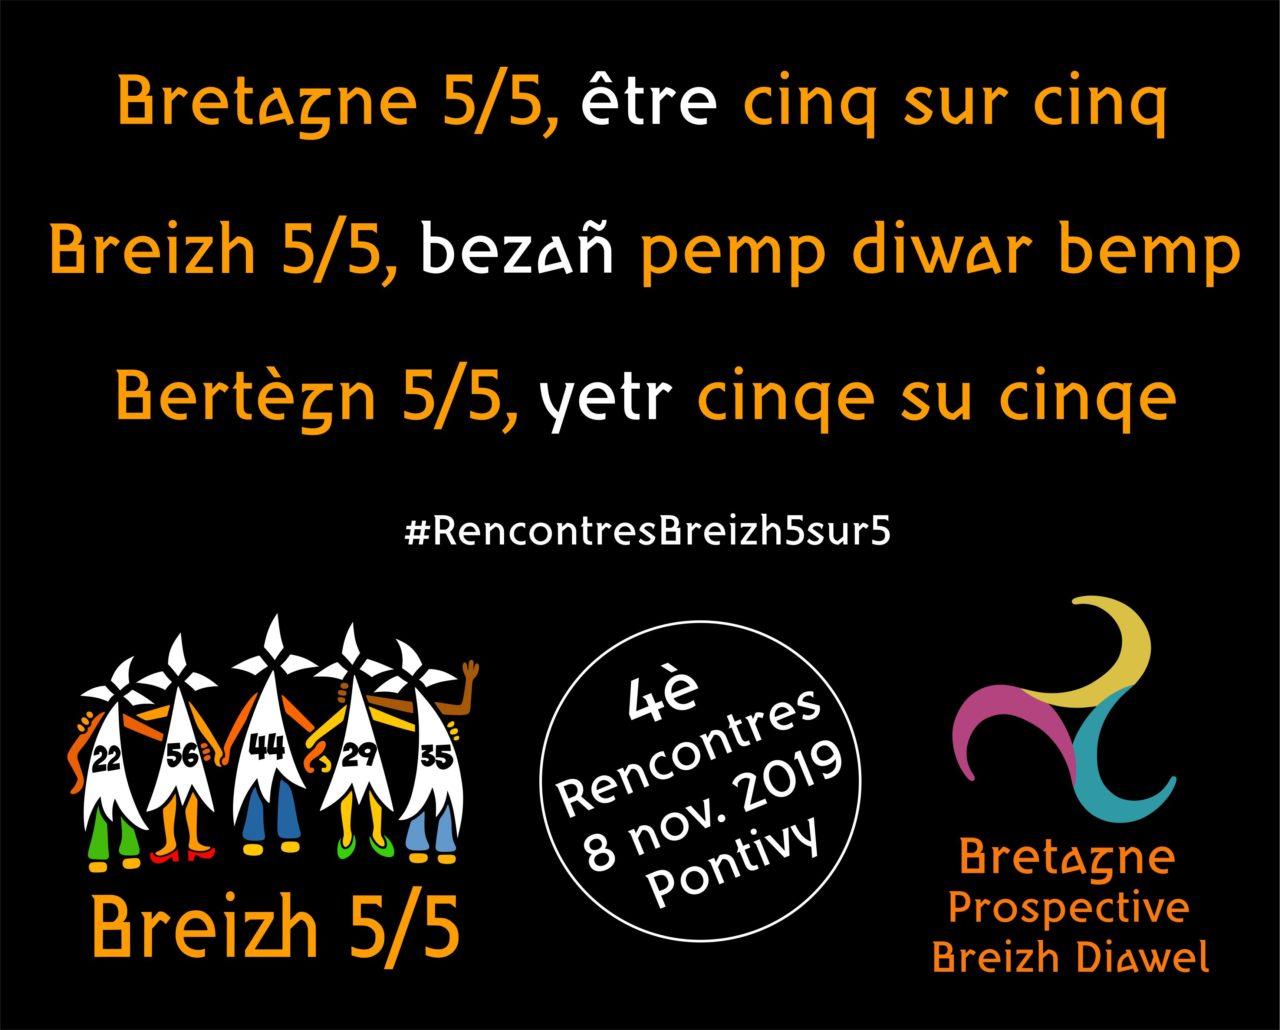 Vendredi 8 novembre : 4è Rencontres Breizh 5/5